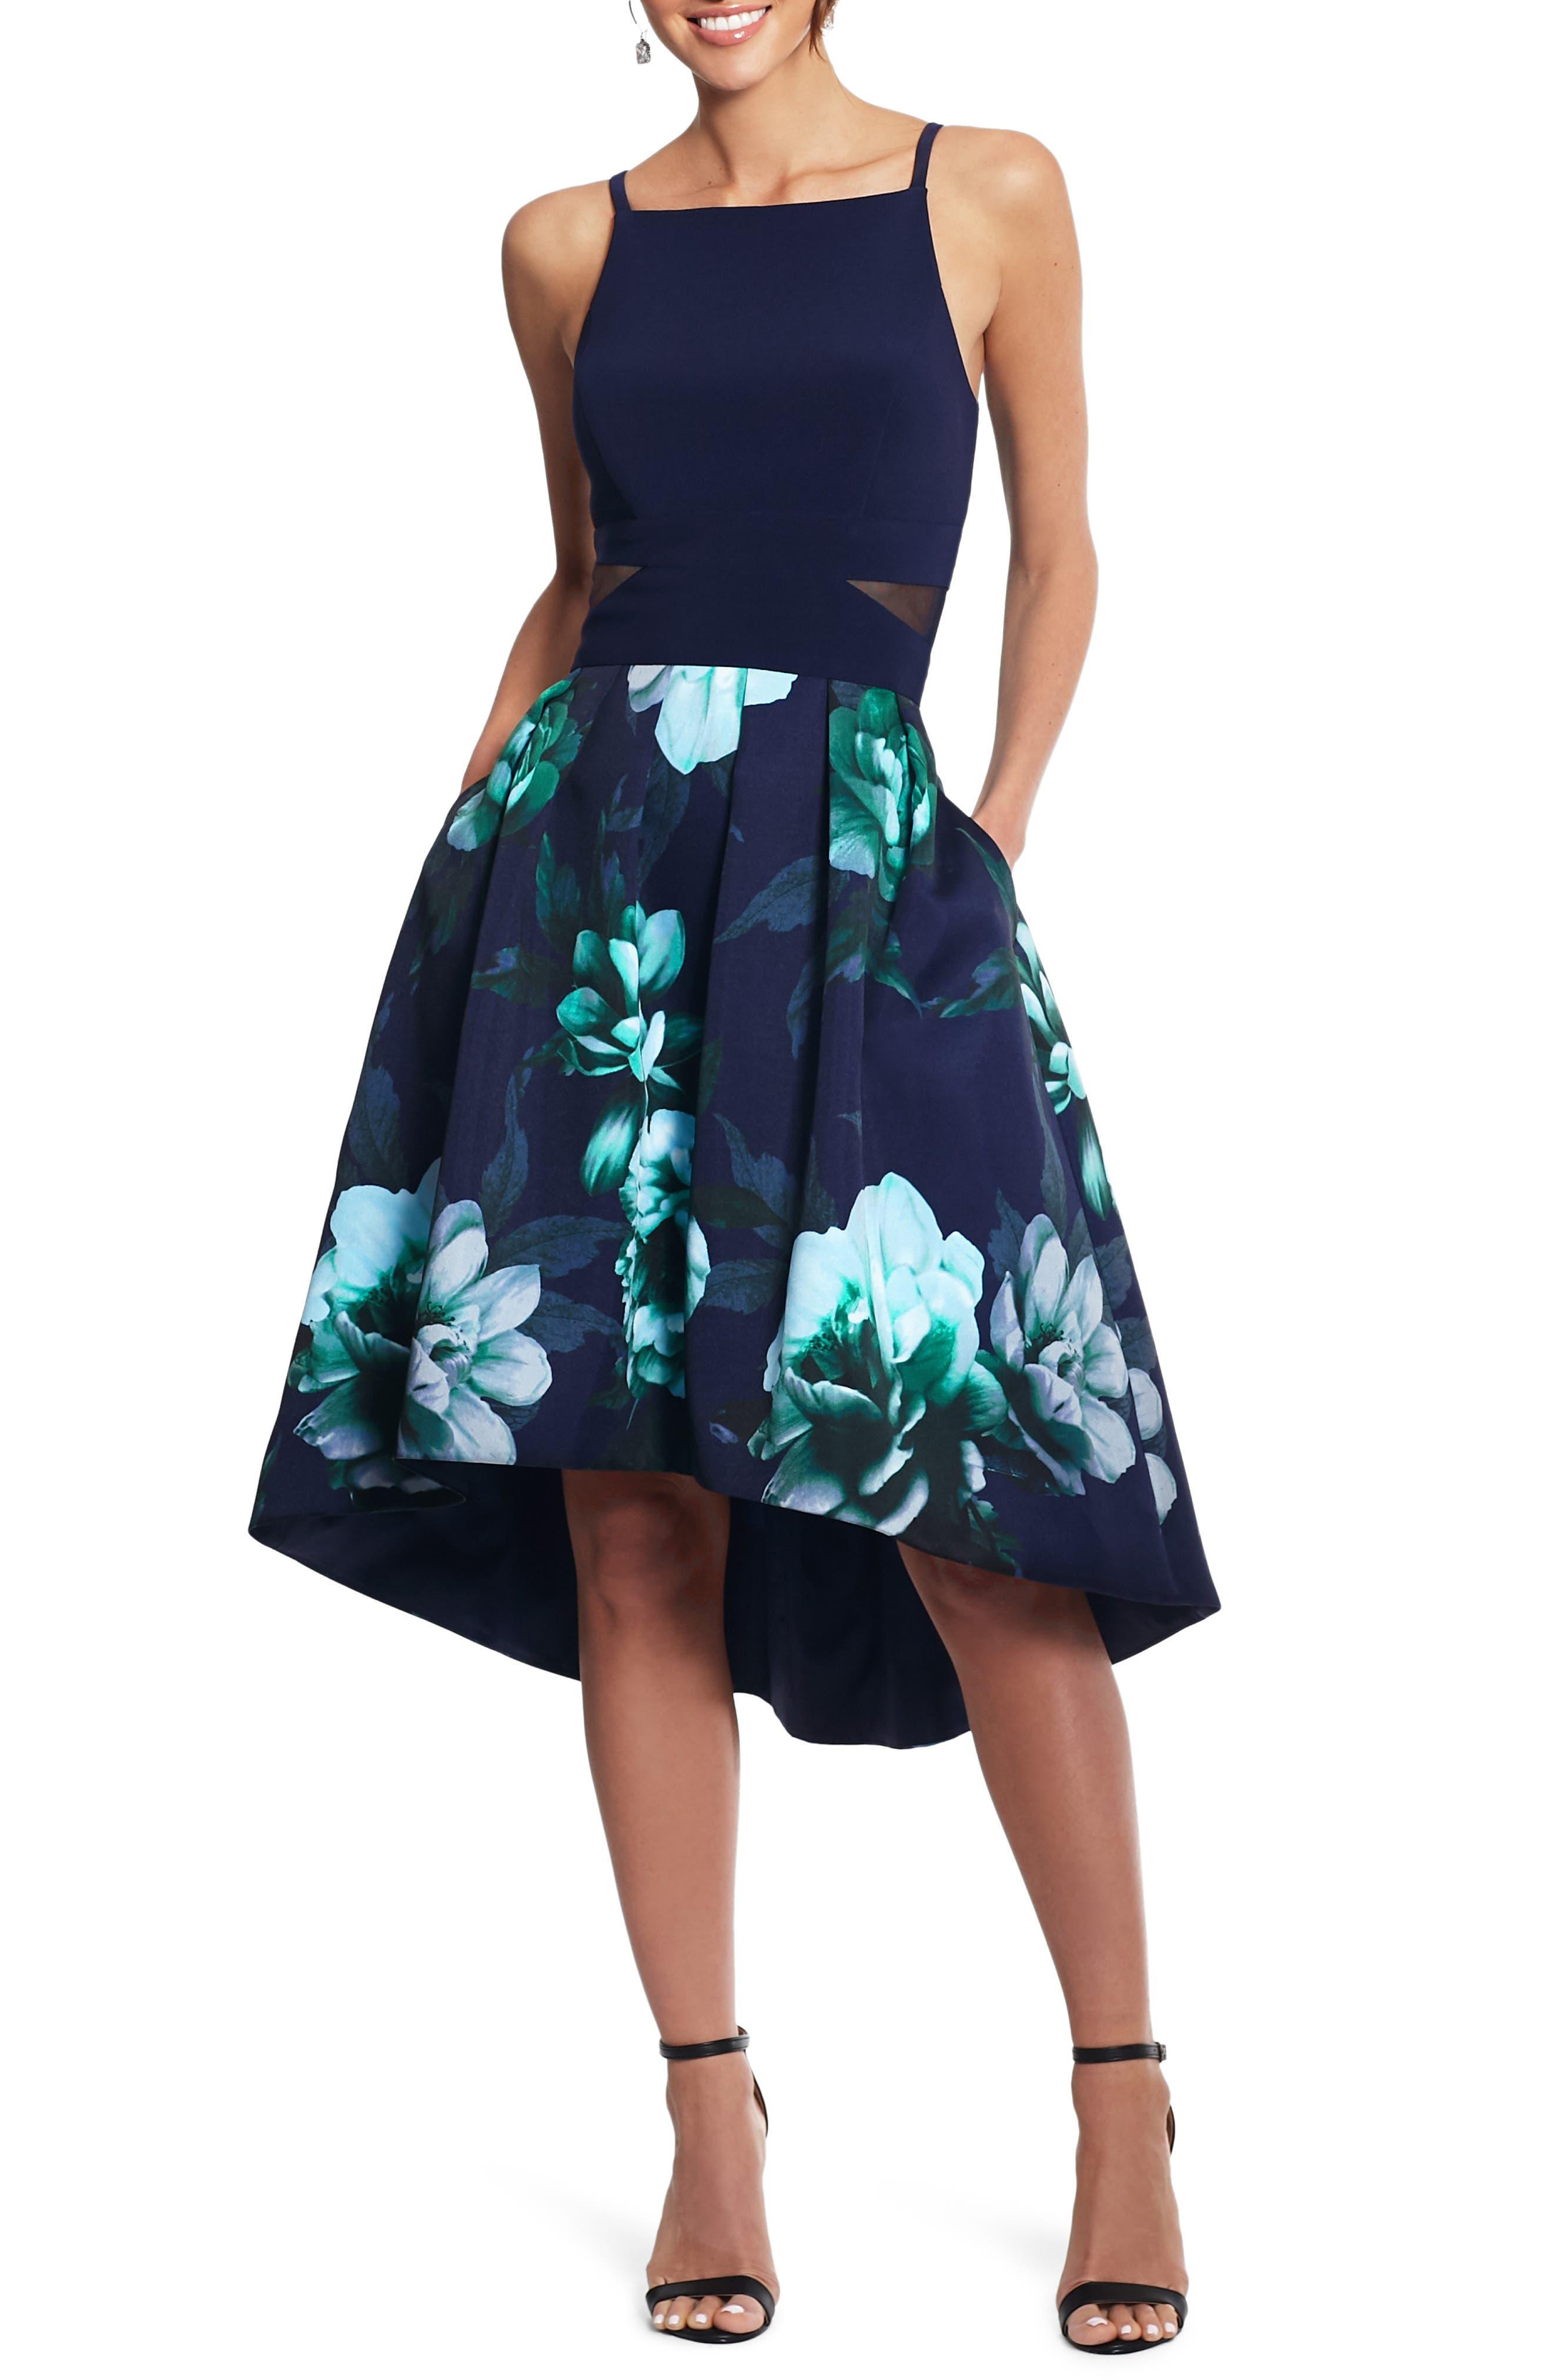 Xscape Floral High/low Cocktail Dress, Blue